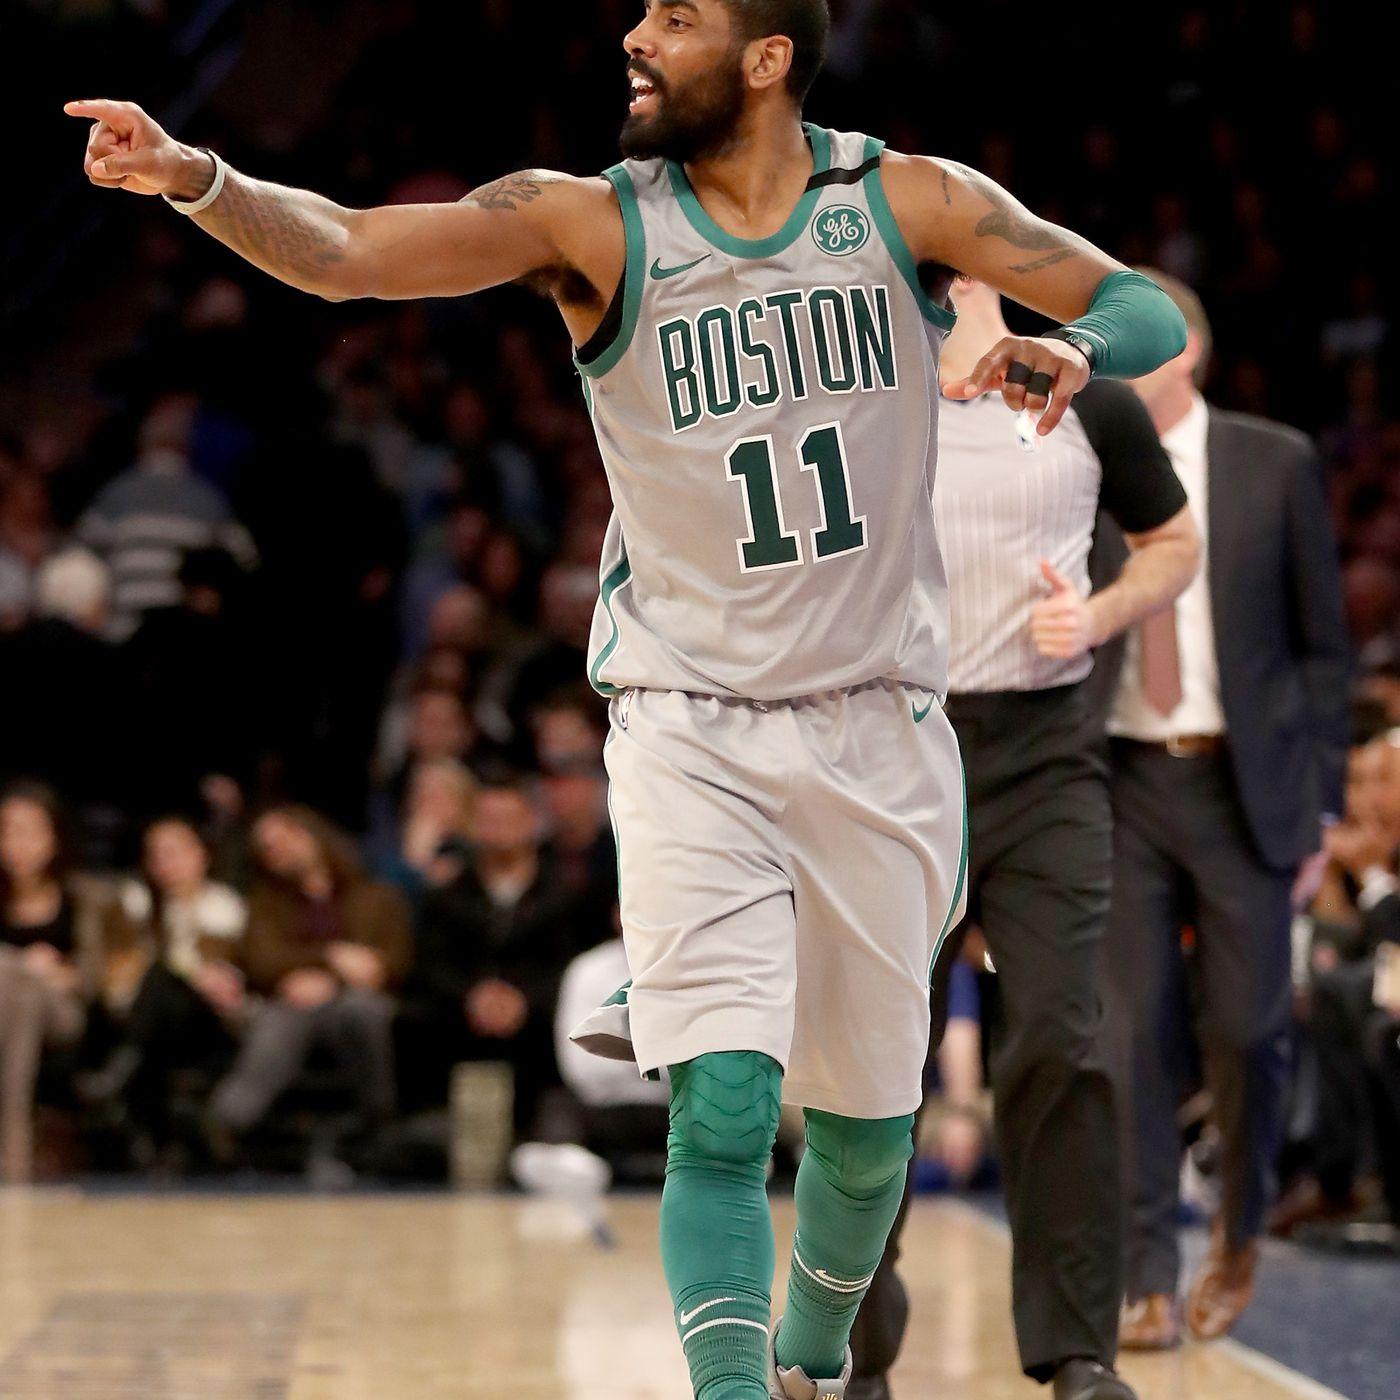 The joy of Kyrie Irving - CelticsBlog 62735b18a61